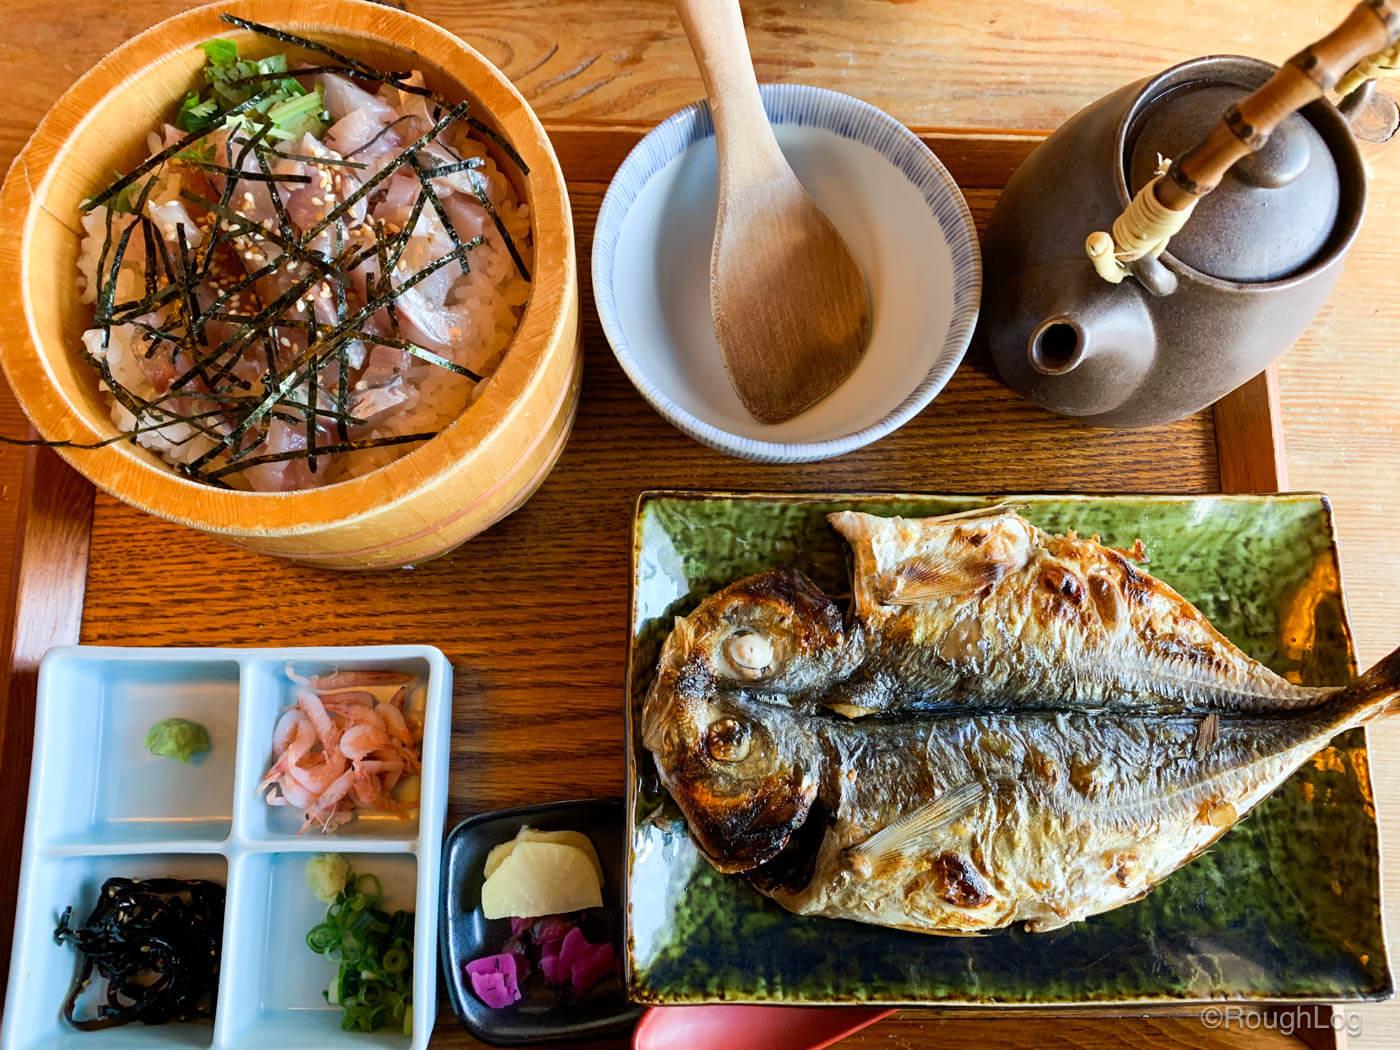 熱海駅周辺で海鮮ランチ!囲炉茶屋で美味しい魚料理を食べてきた